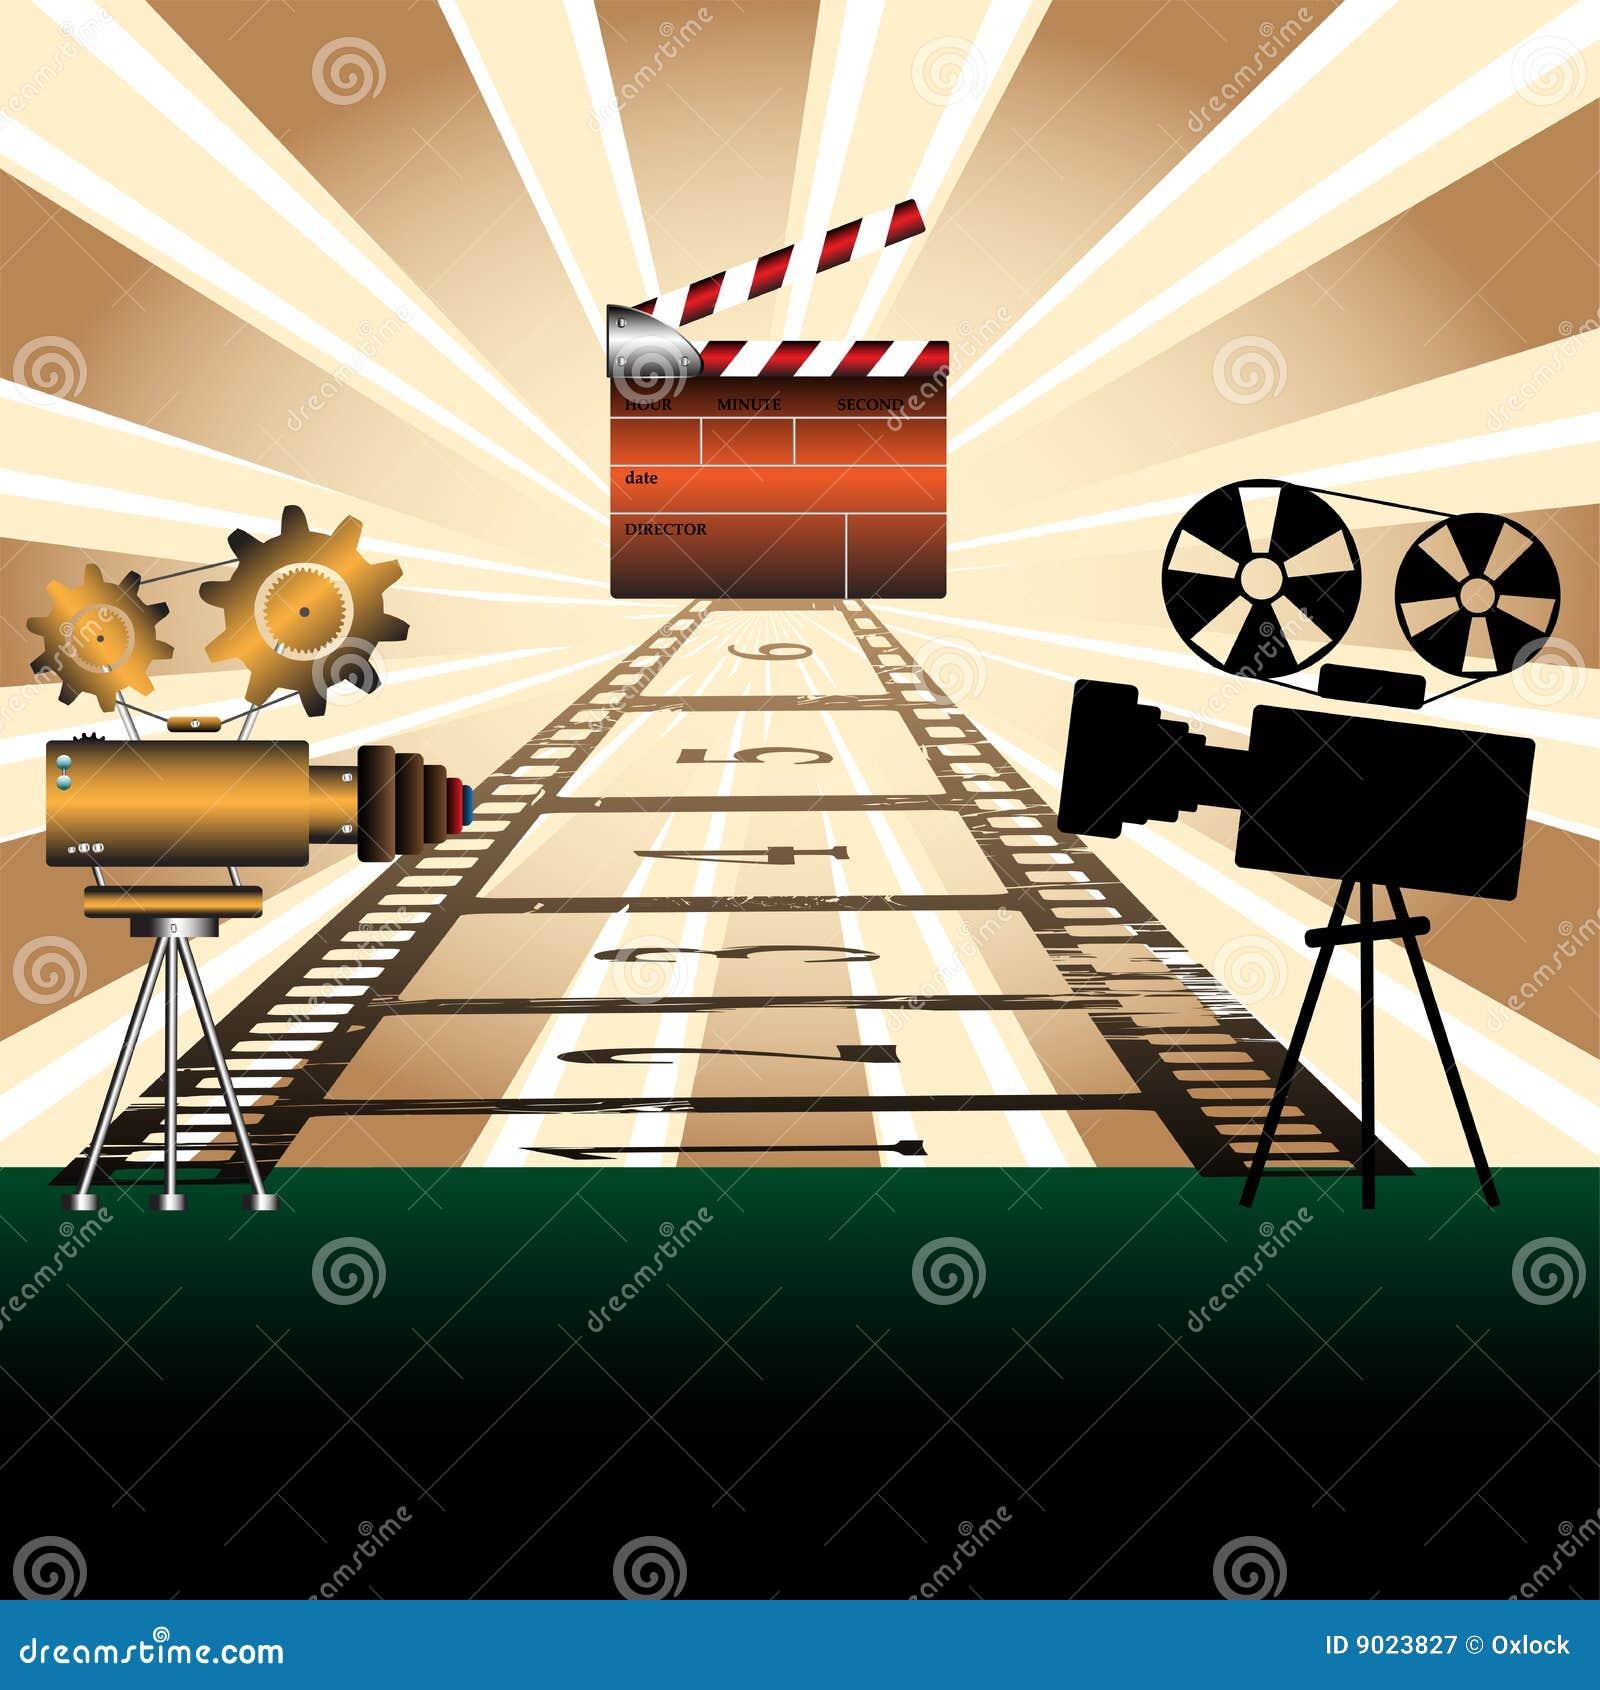 Projetores de filme e ripa